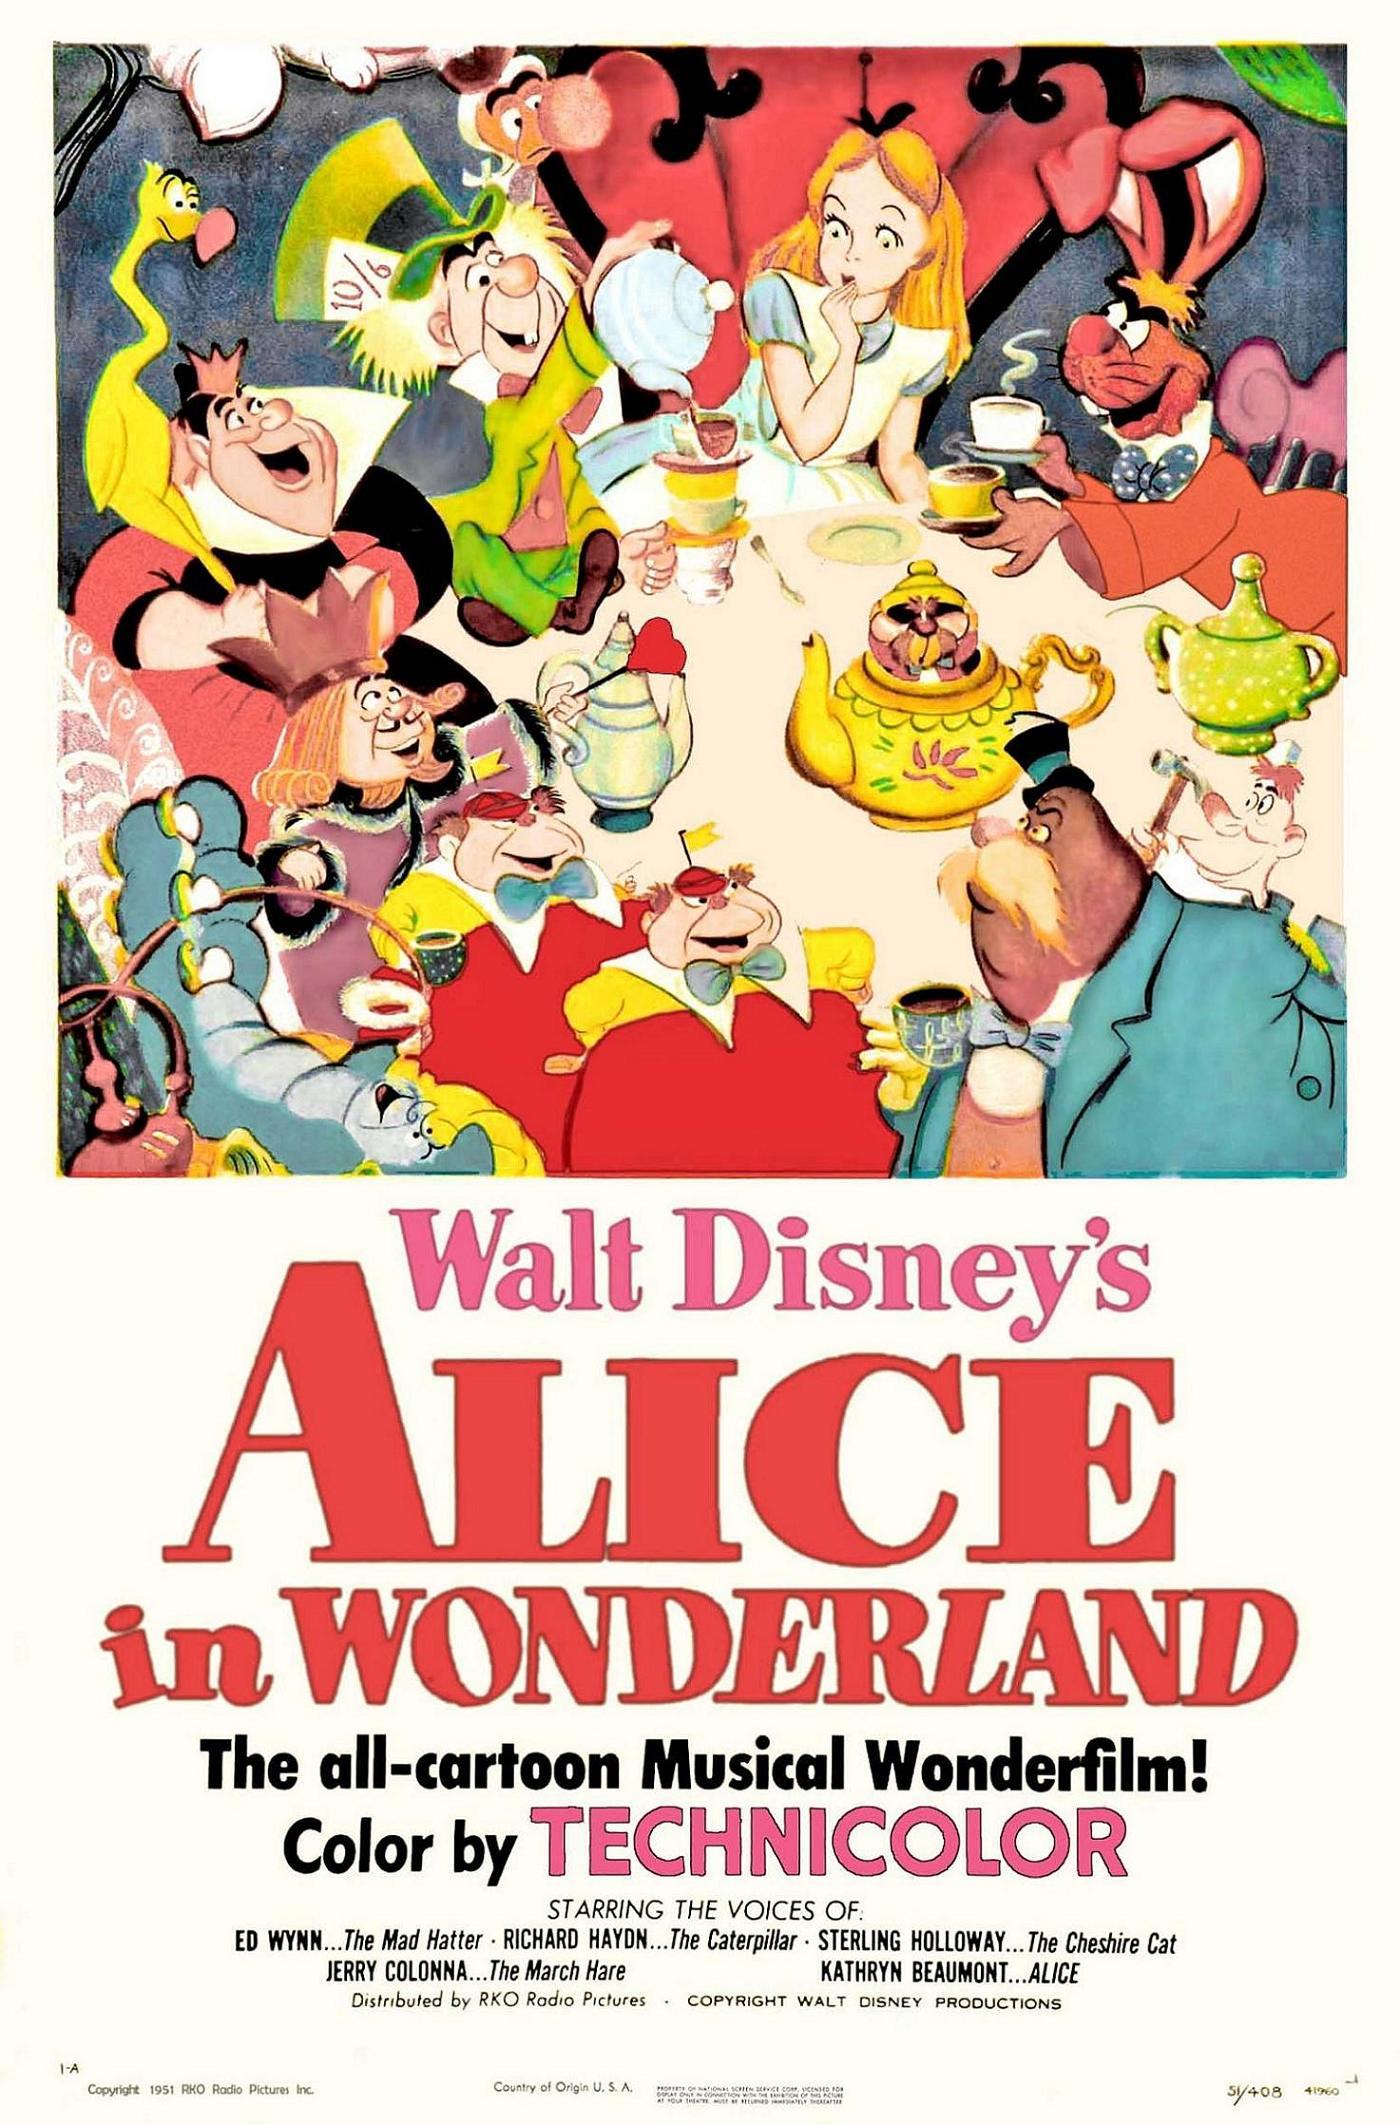 Alice in wonderland 1951 film disney wiki fandom powered by wikia